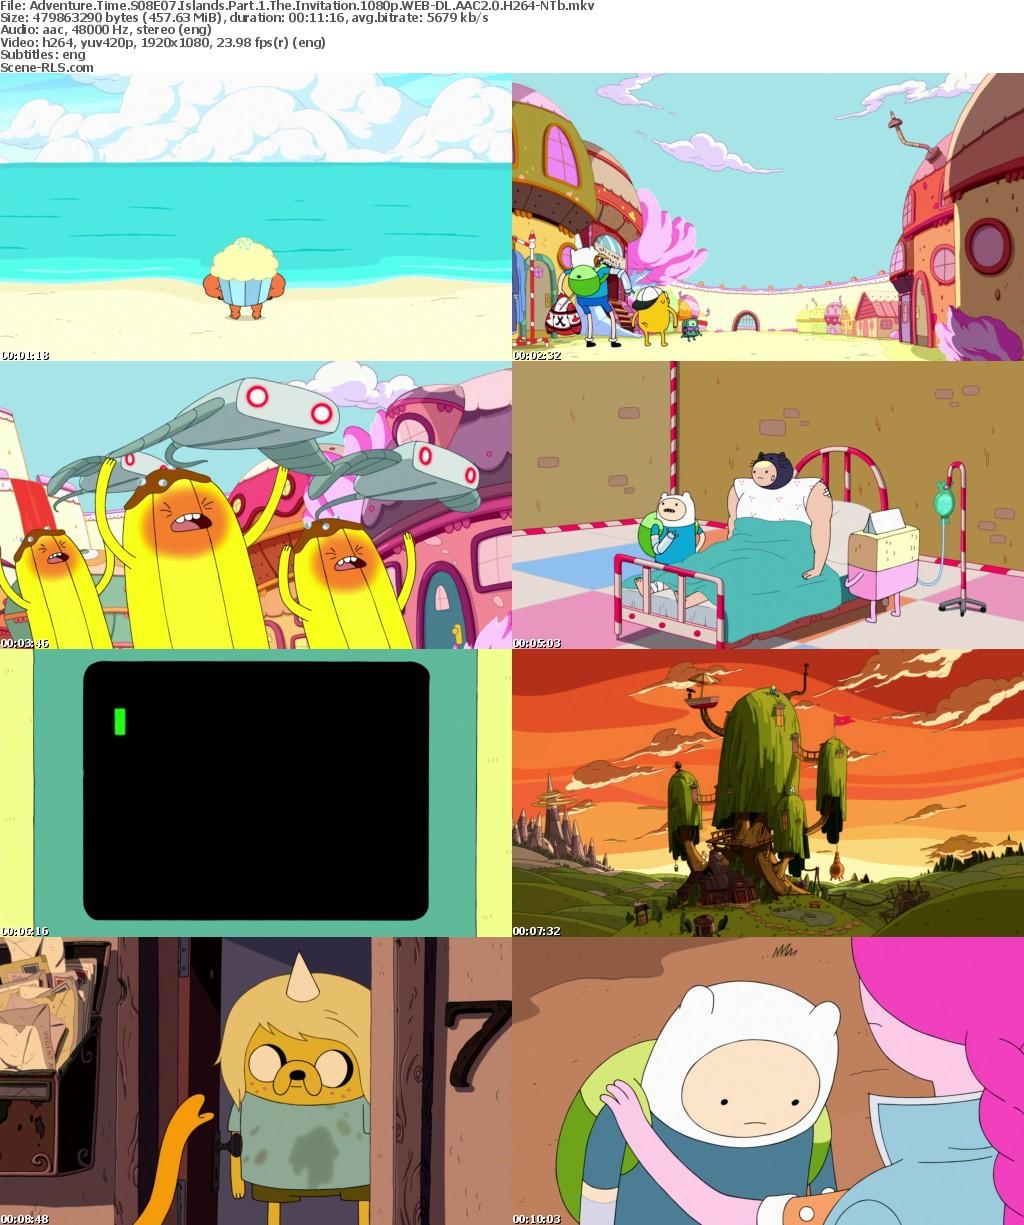 Adventure Time S08E07 Islands Part 1 The Invitation 720p WEB.